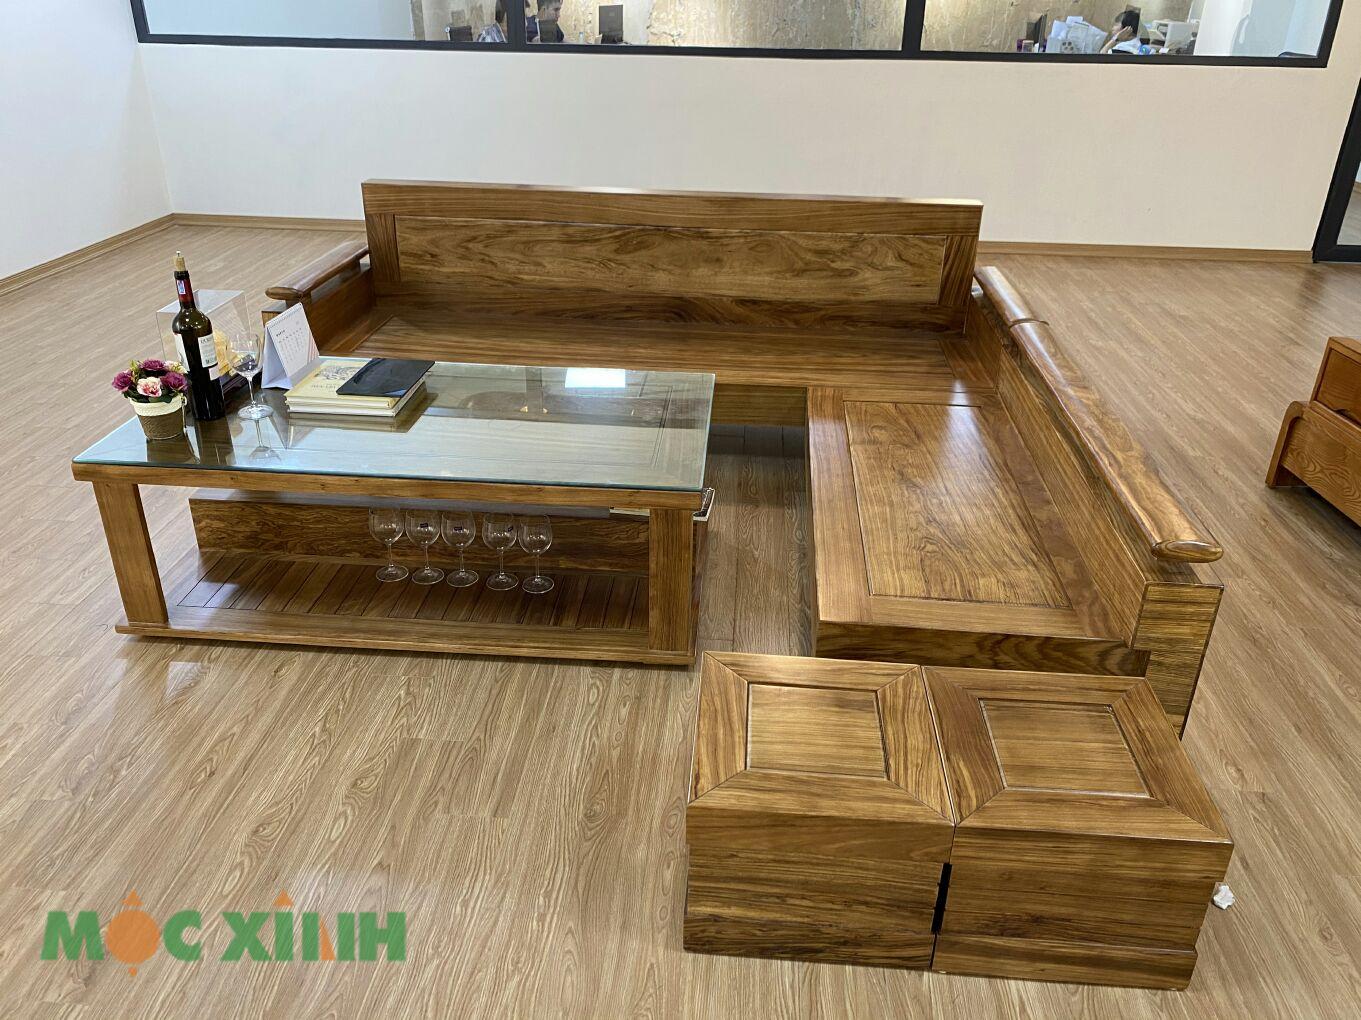 Bộ bàn ghế gỗ hương có thiết kế góc chữ L